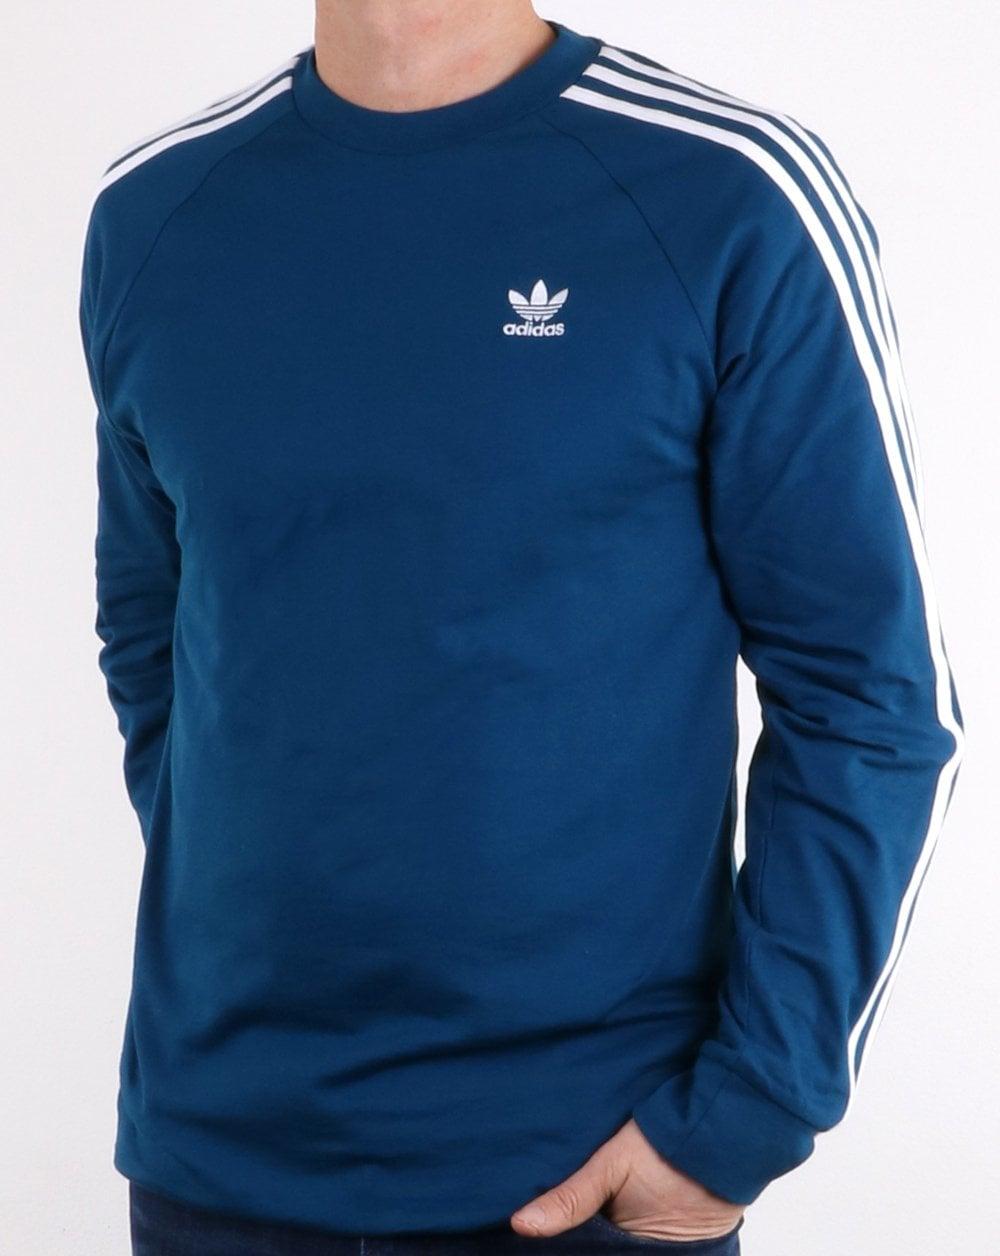 b155380030 adidas Originals Adidas Originals 3 Stripes Long Sleeved T Shirt Legend  Marine